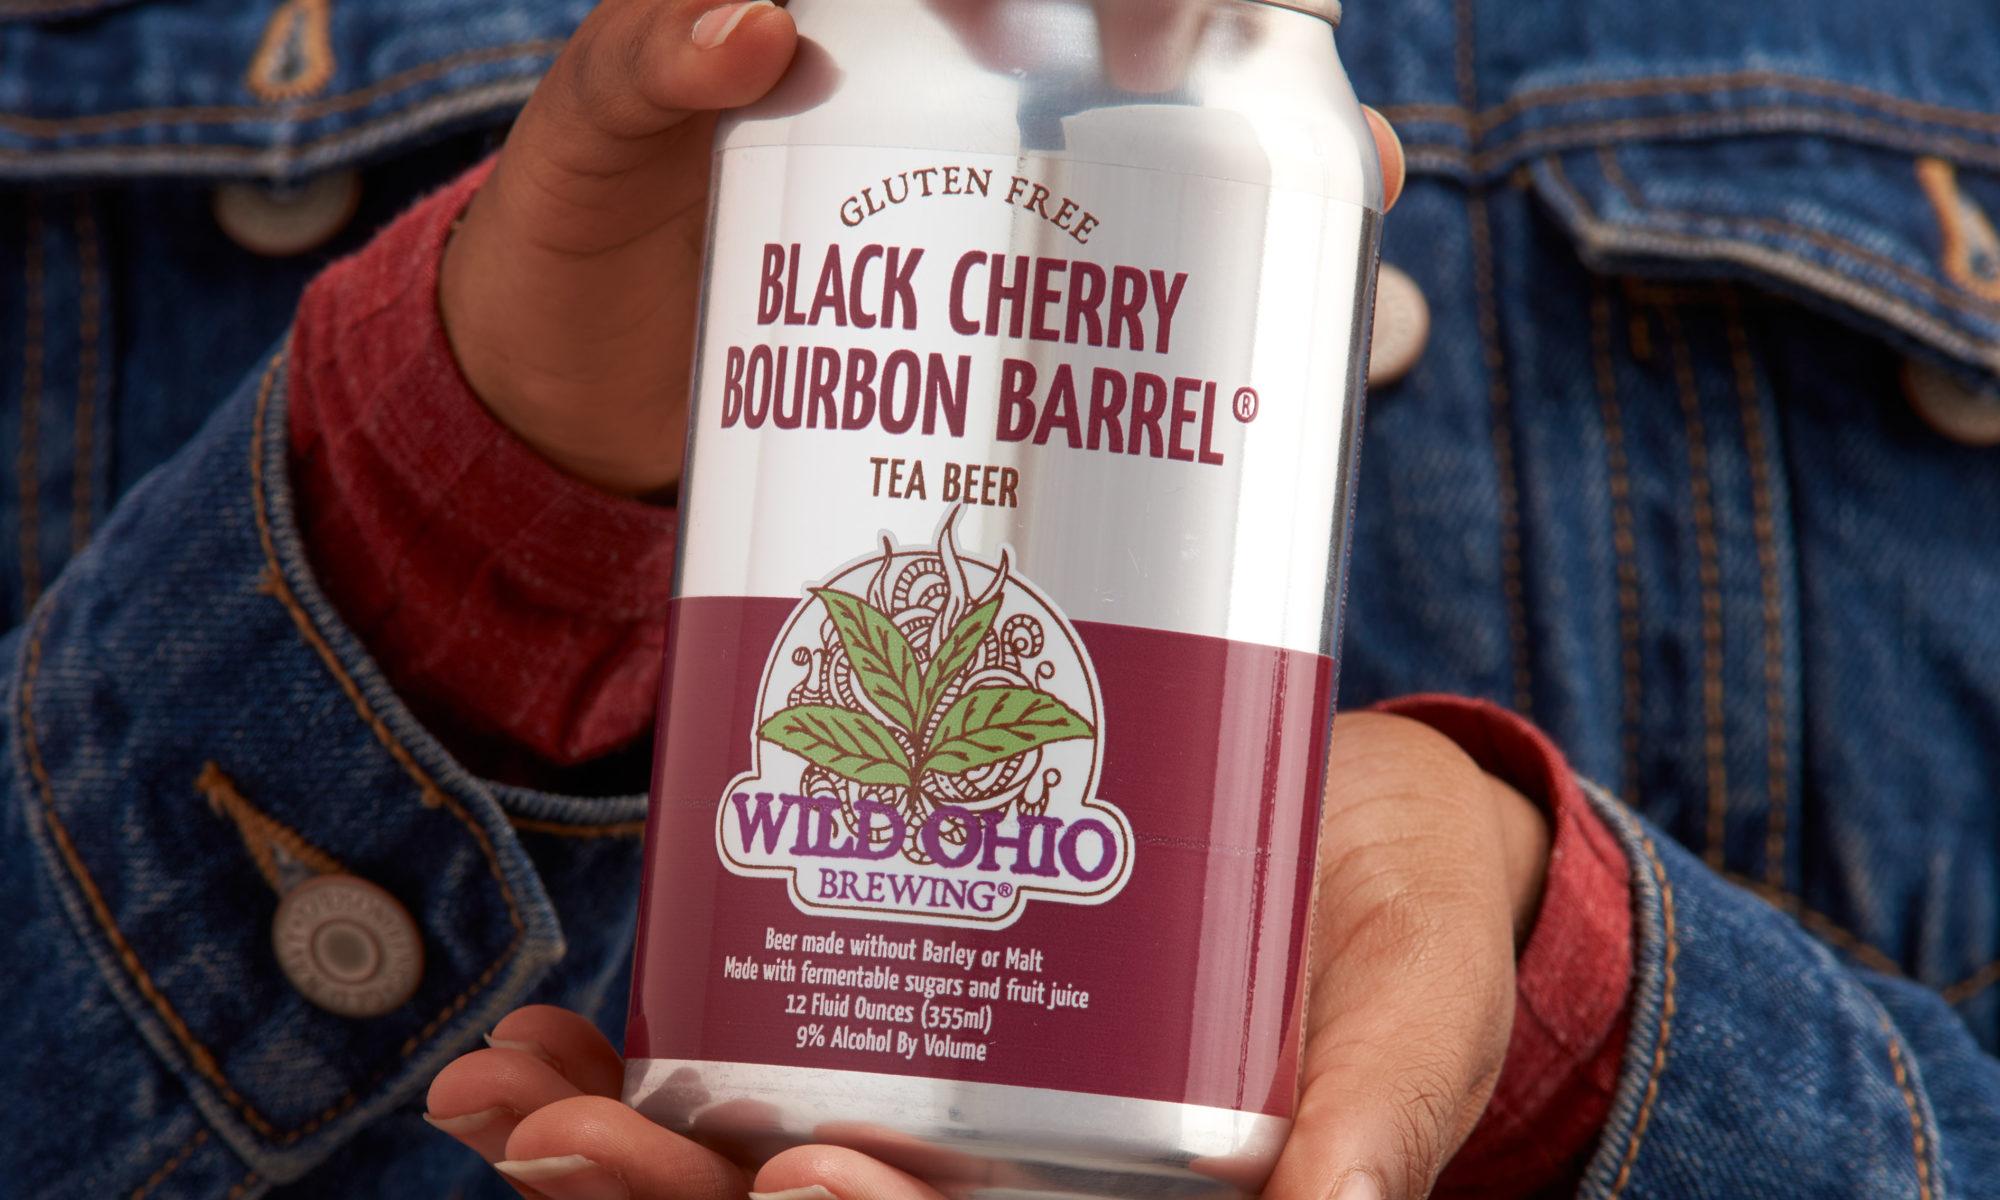 Black Cherry Bourbon Barrel Gluten Free Tea Beer